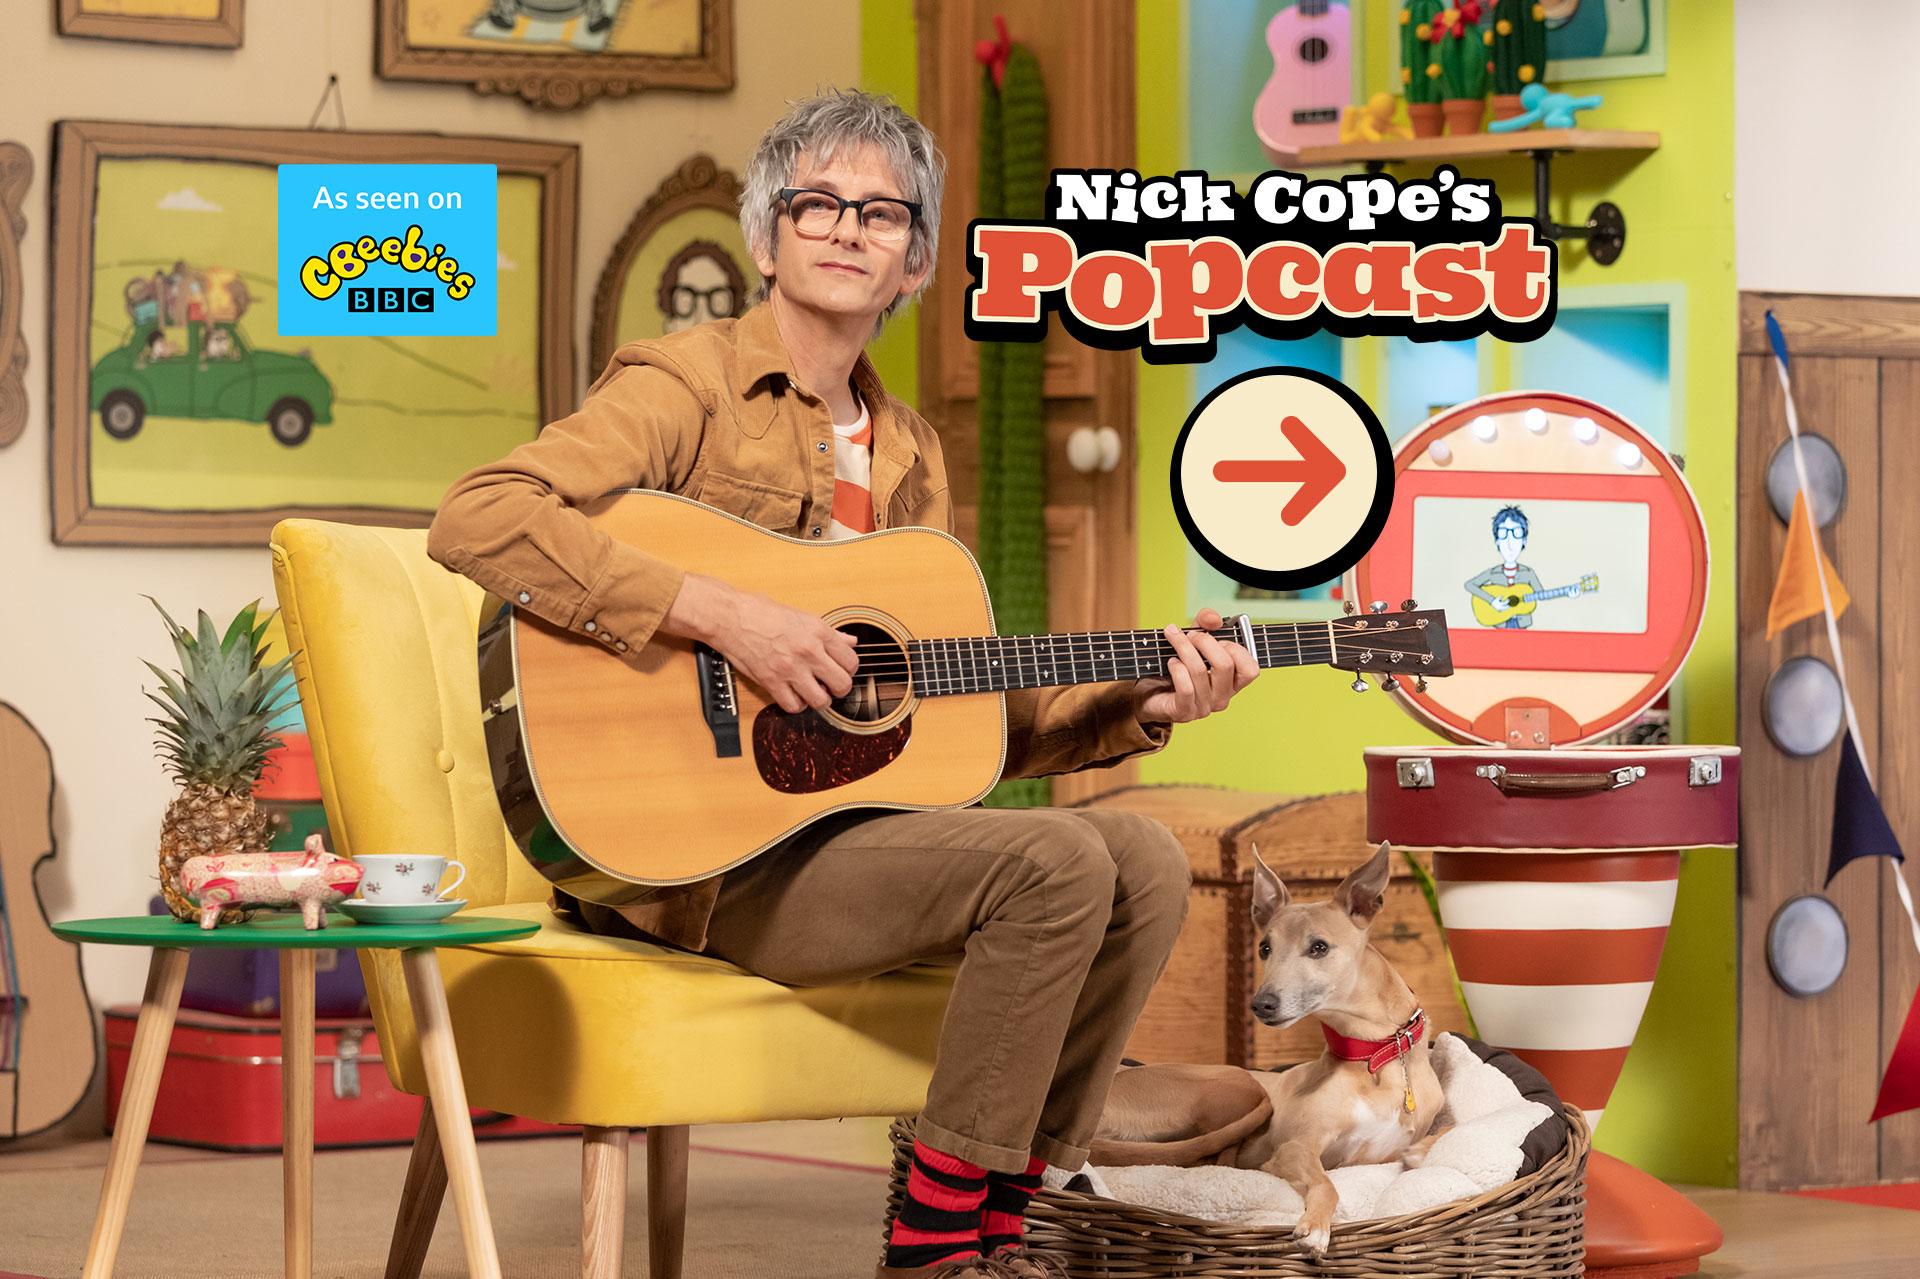 Nick-Cope's-Popcast-